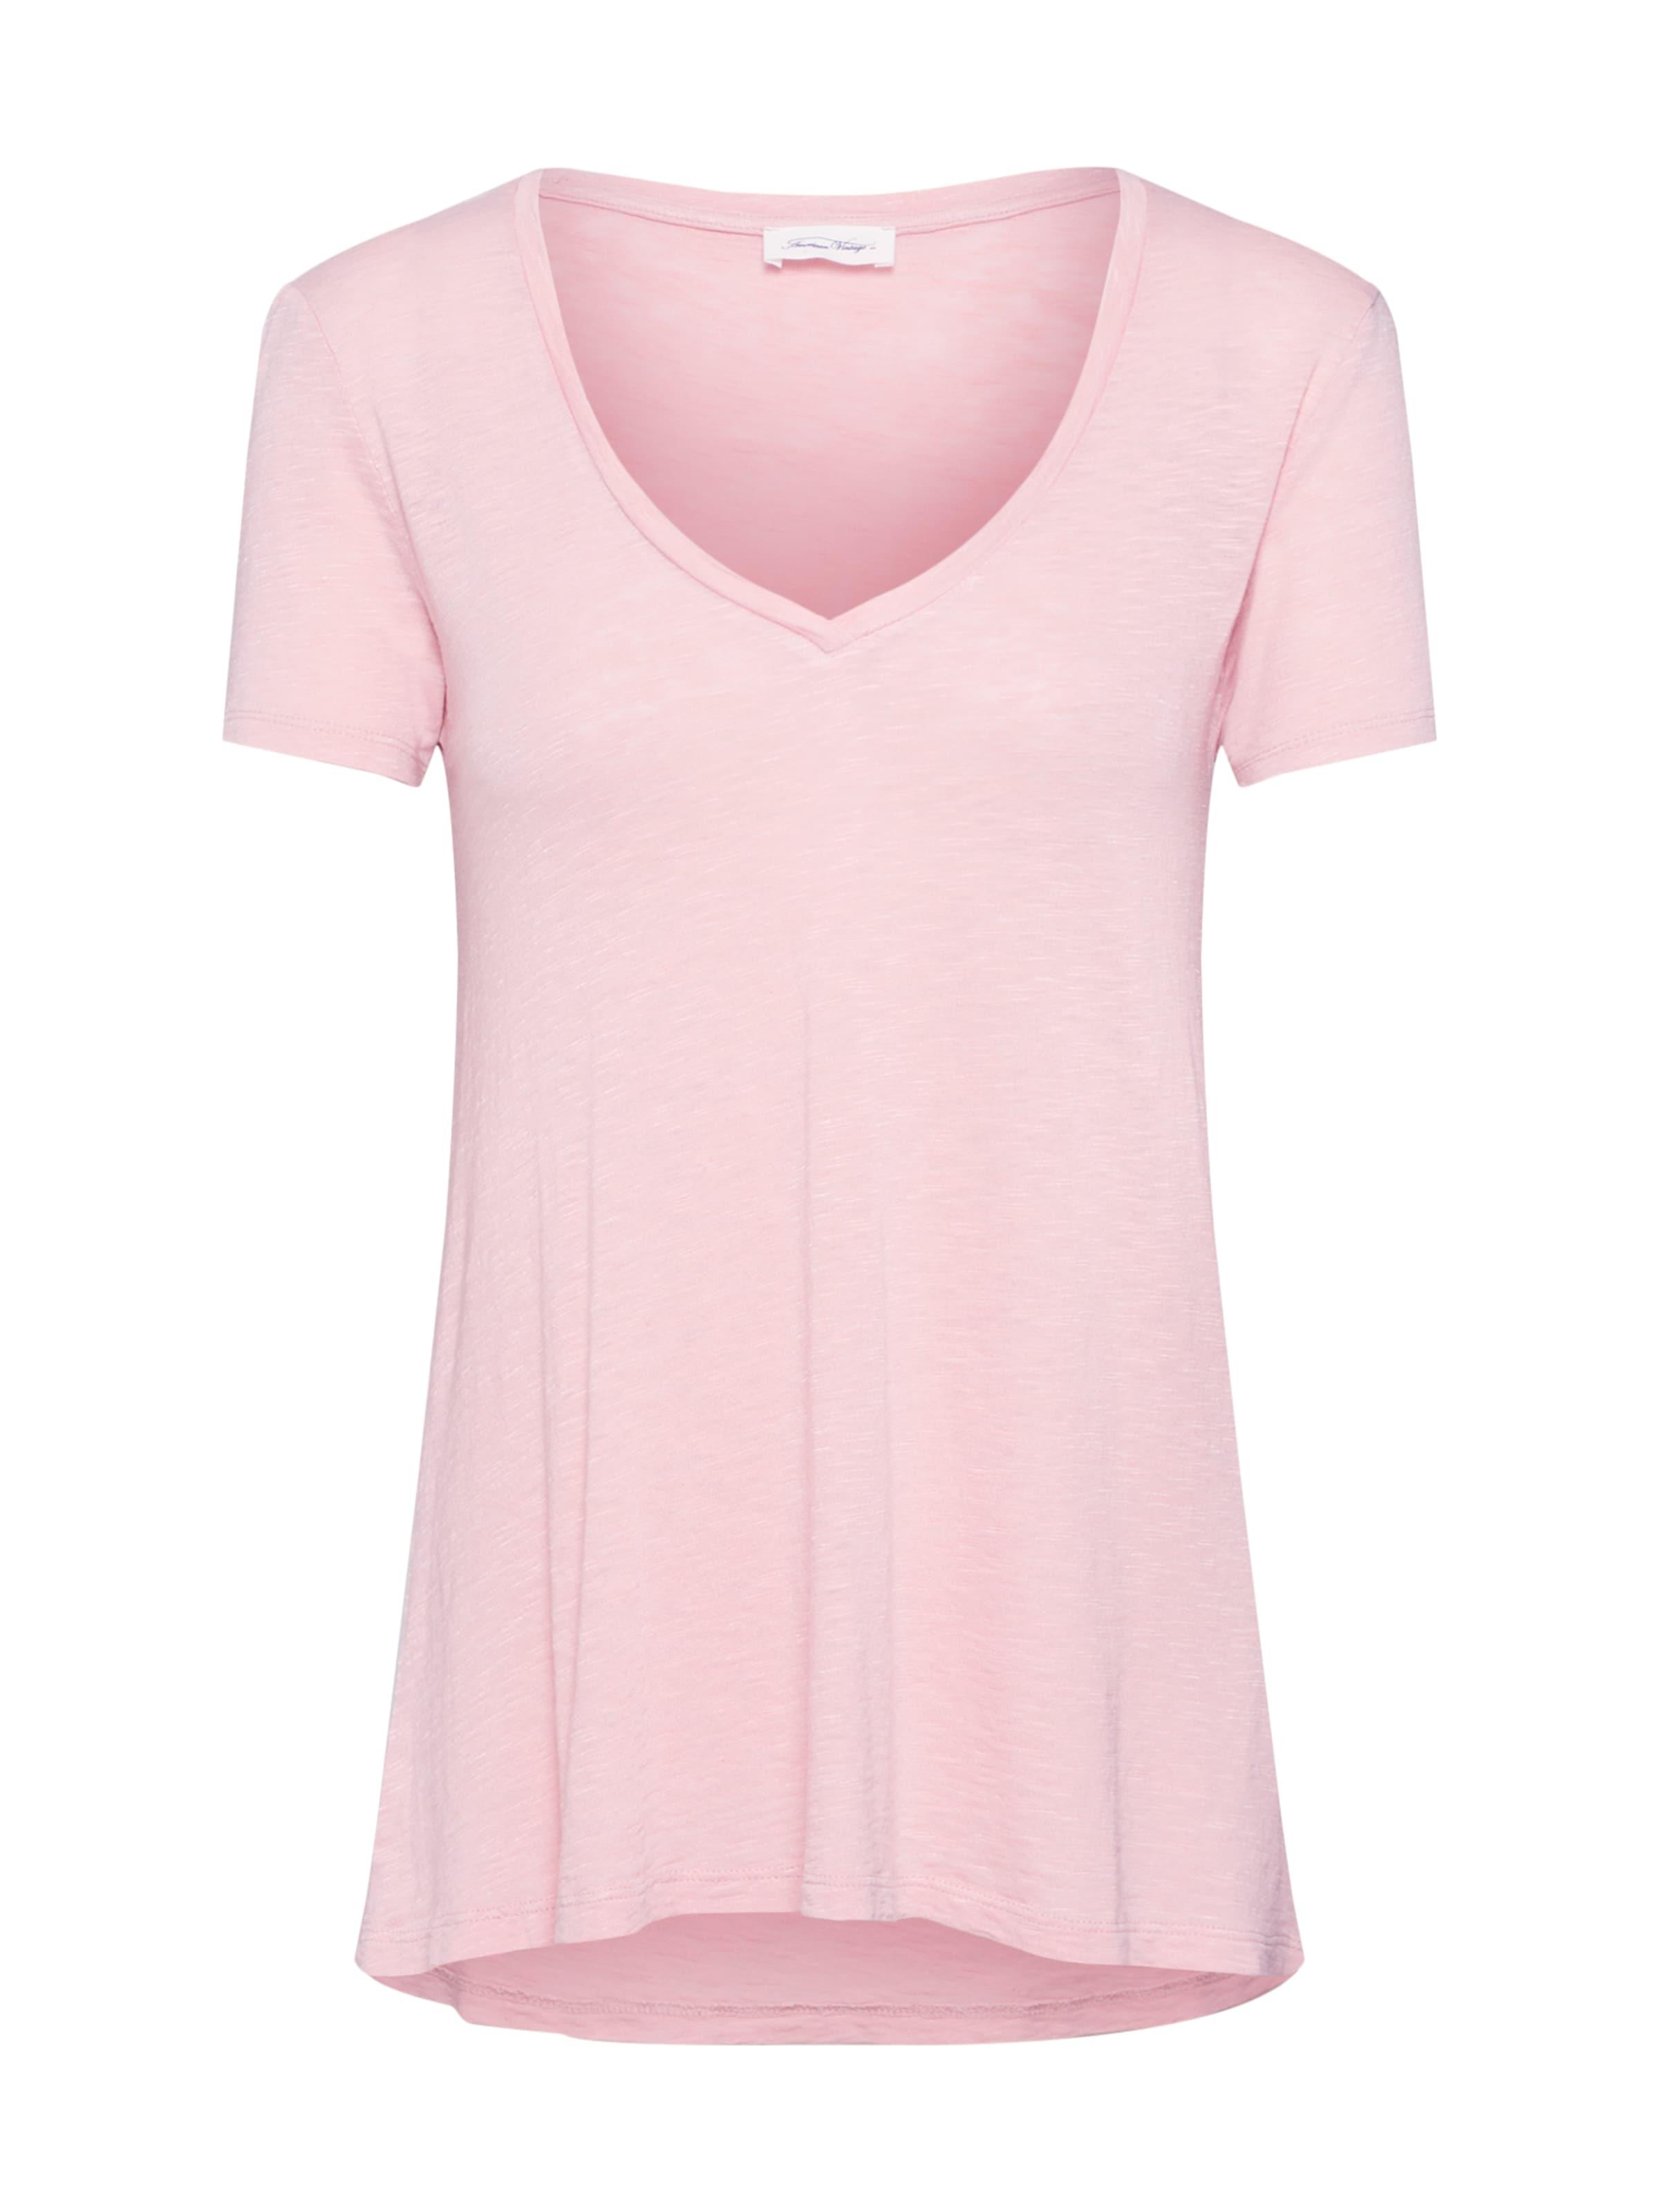 Shirt Vintage In American 'kobi57h19' Poederroze w0OPkXZN8n